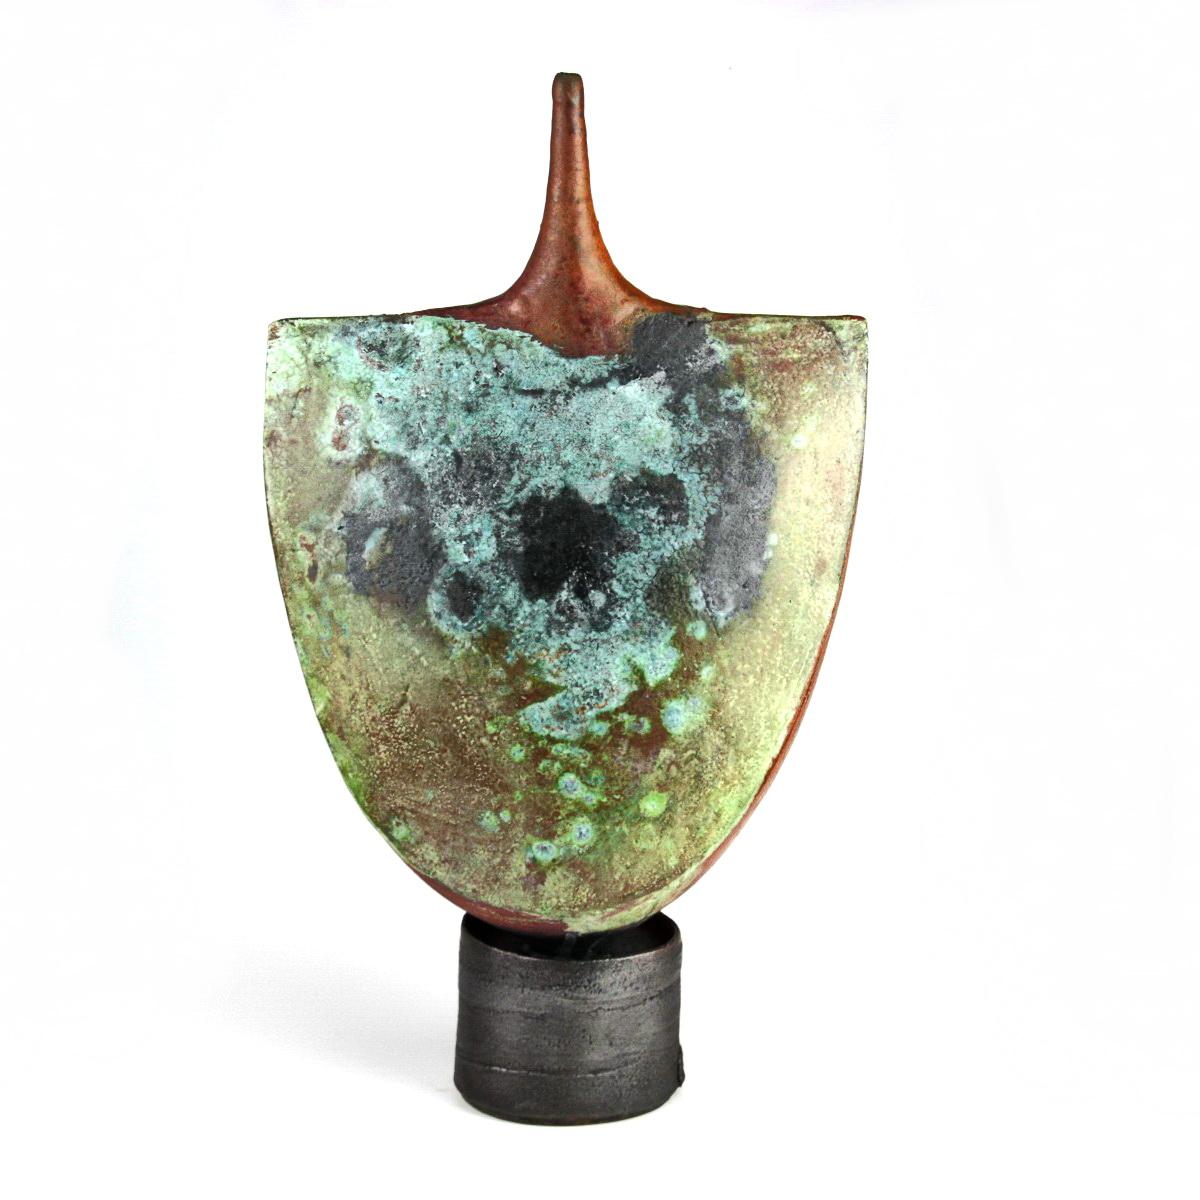 Narrow necked pedestal pot